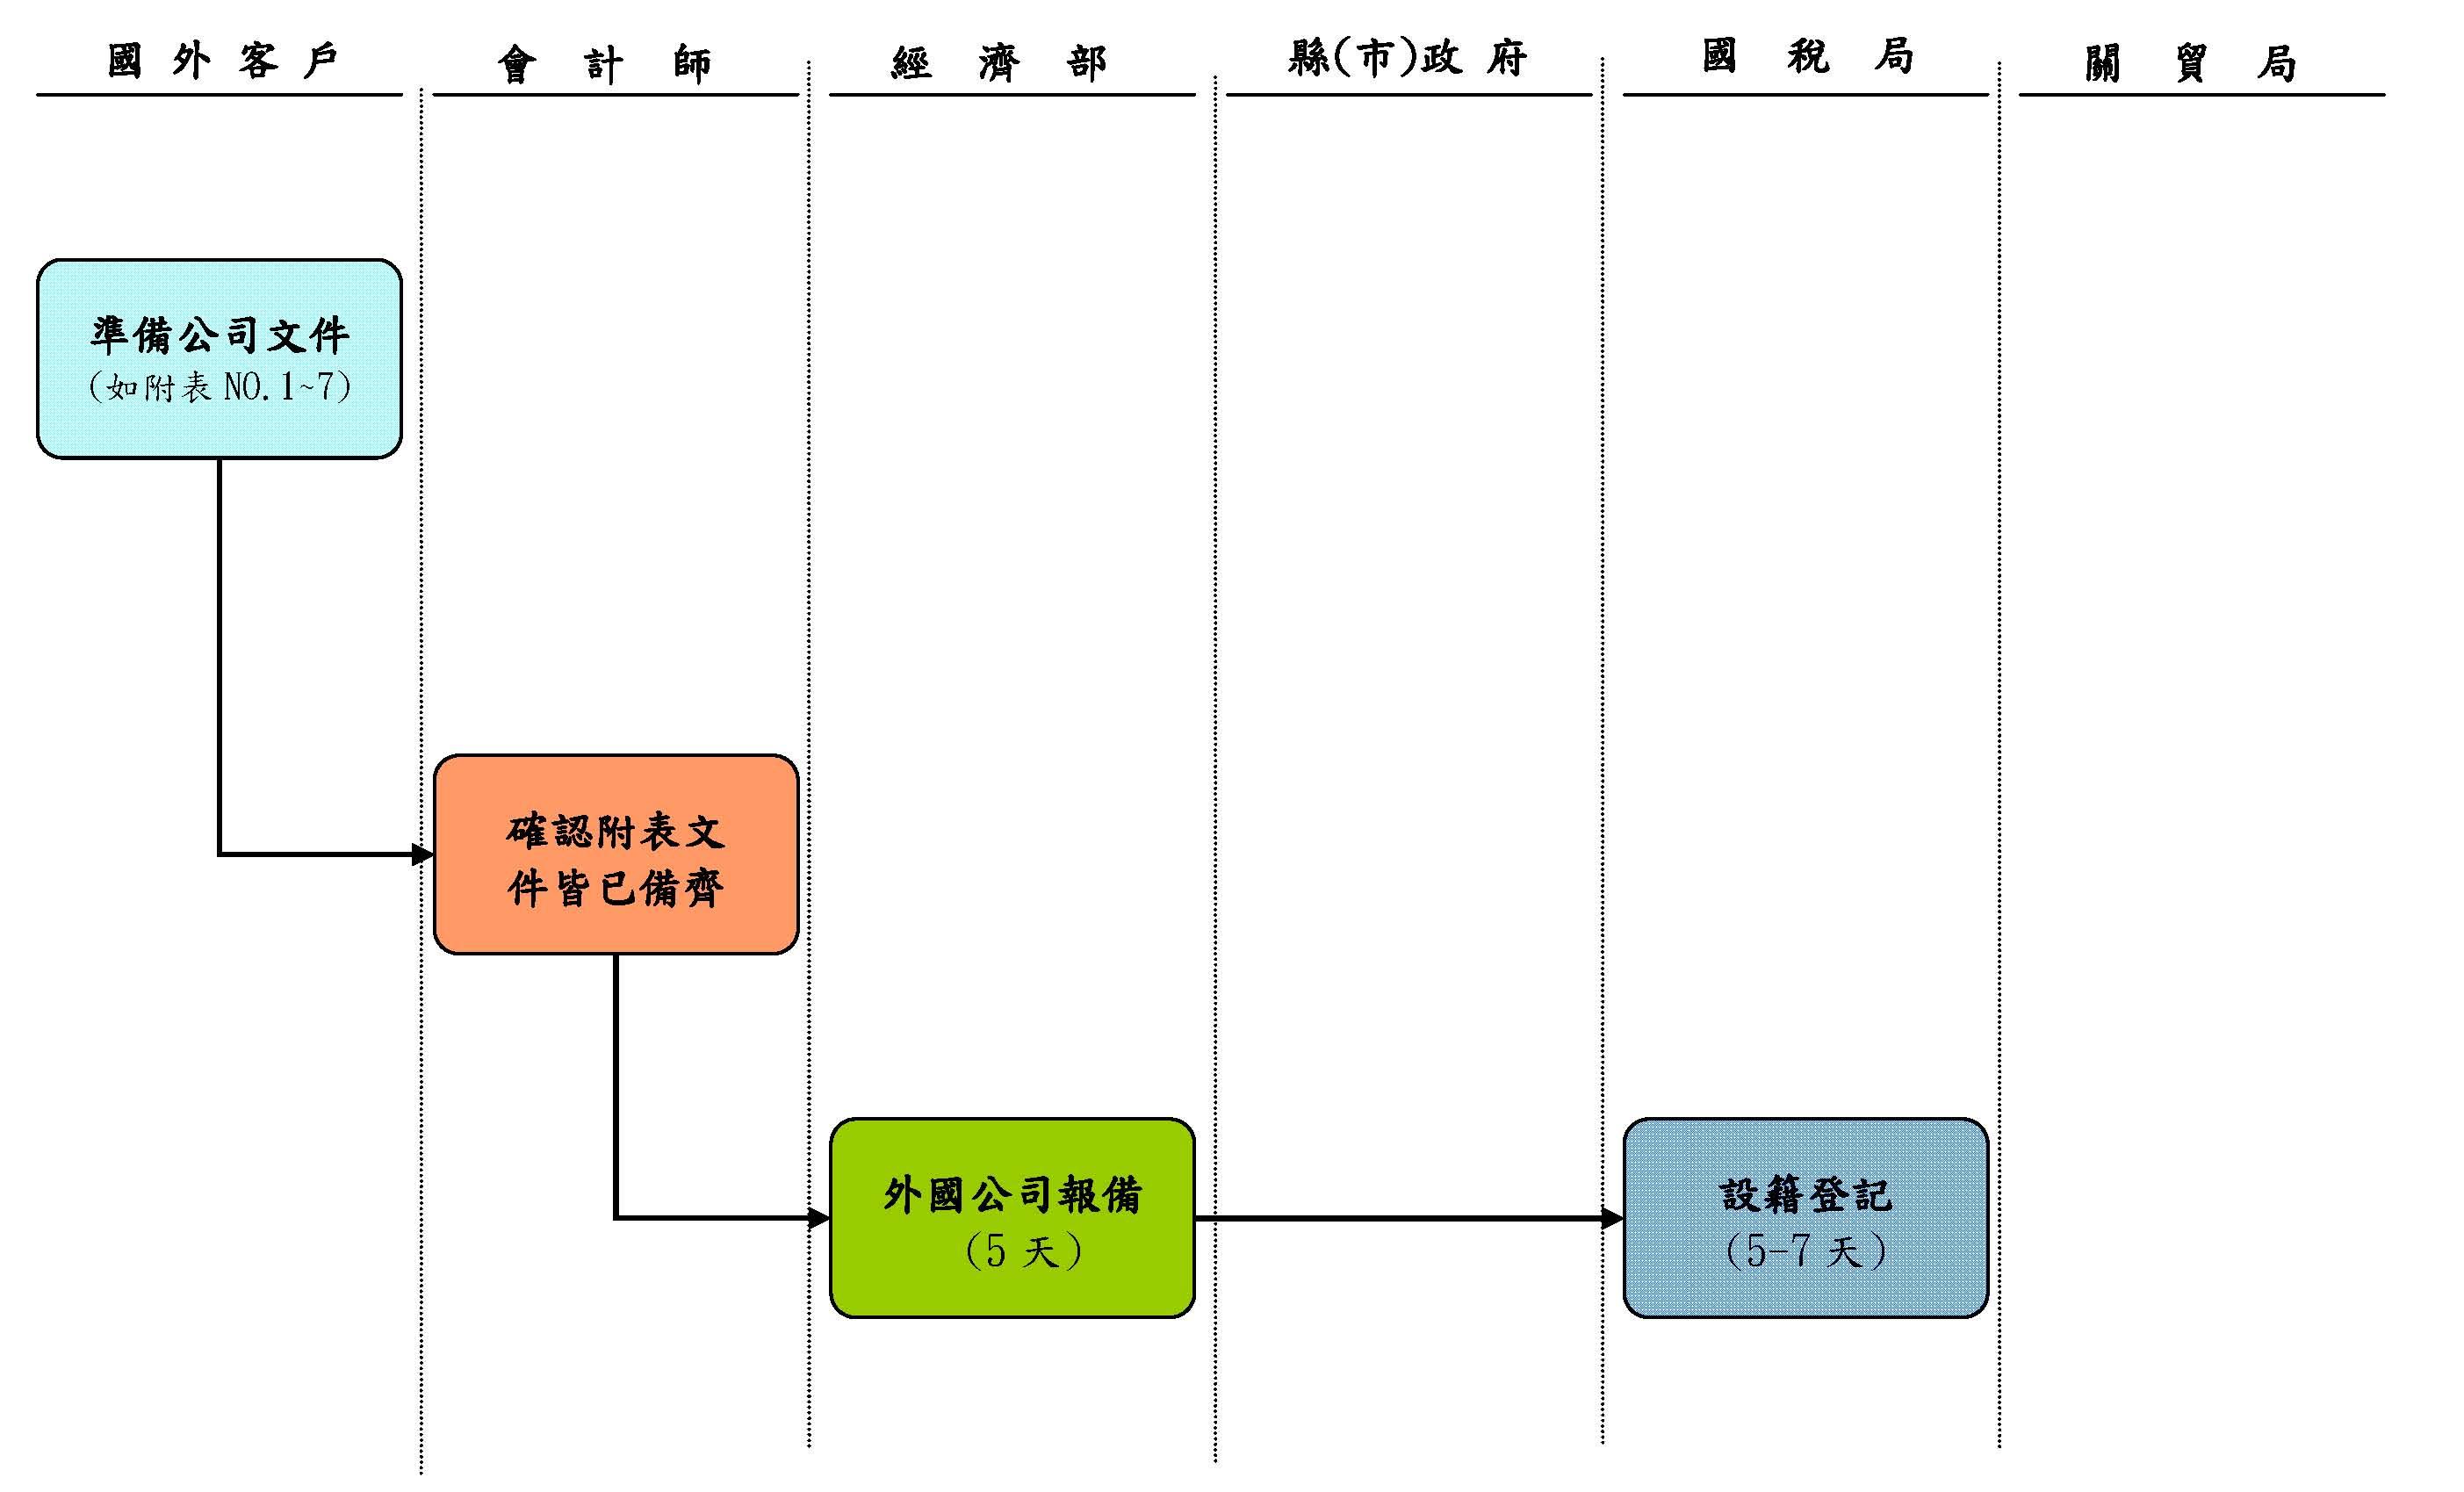 外商公司来台设立台湾办事处流程图